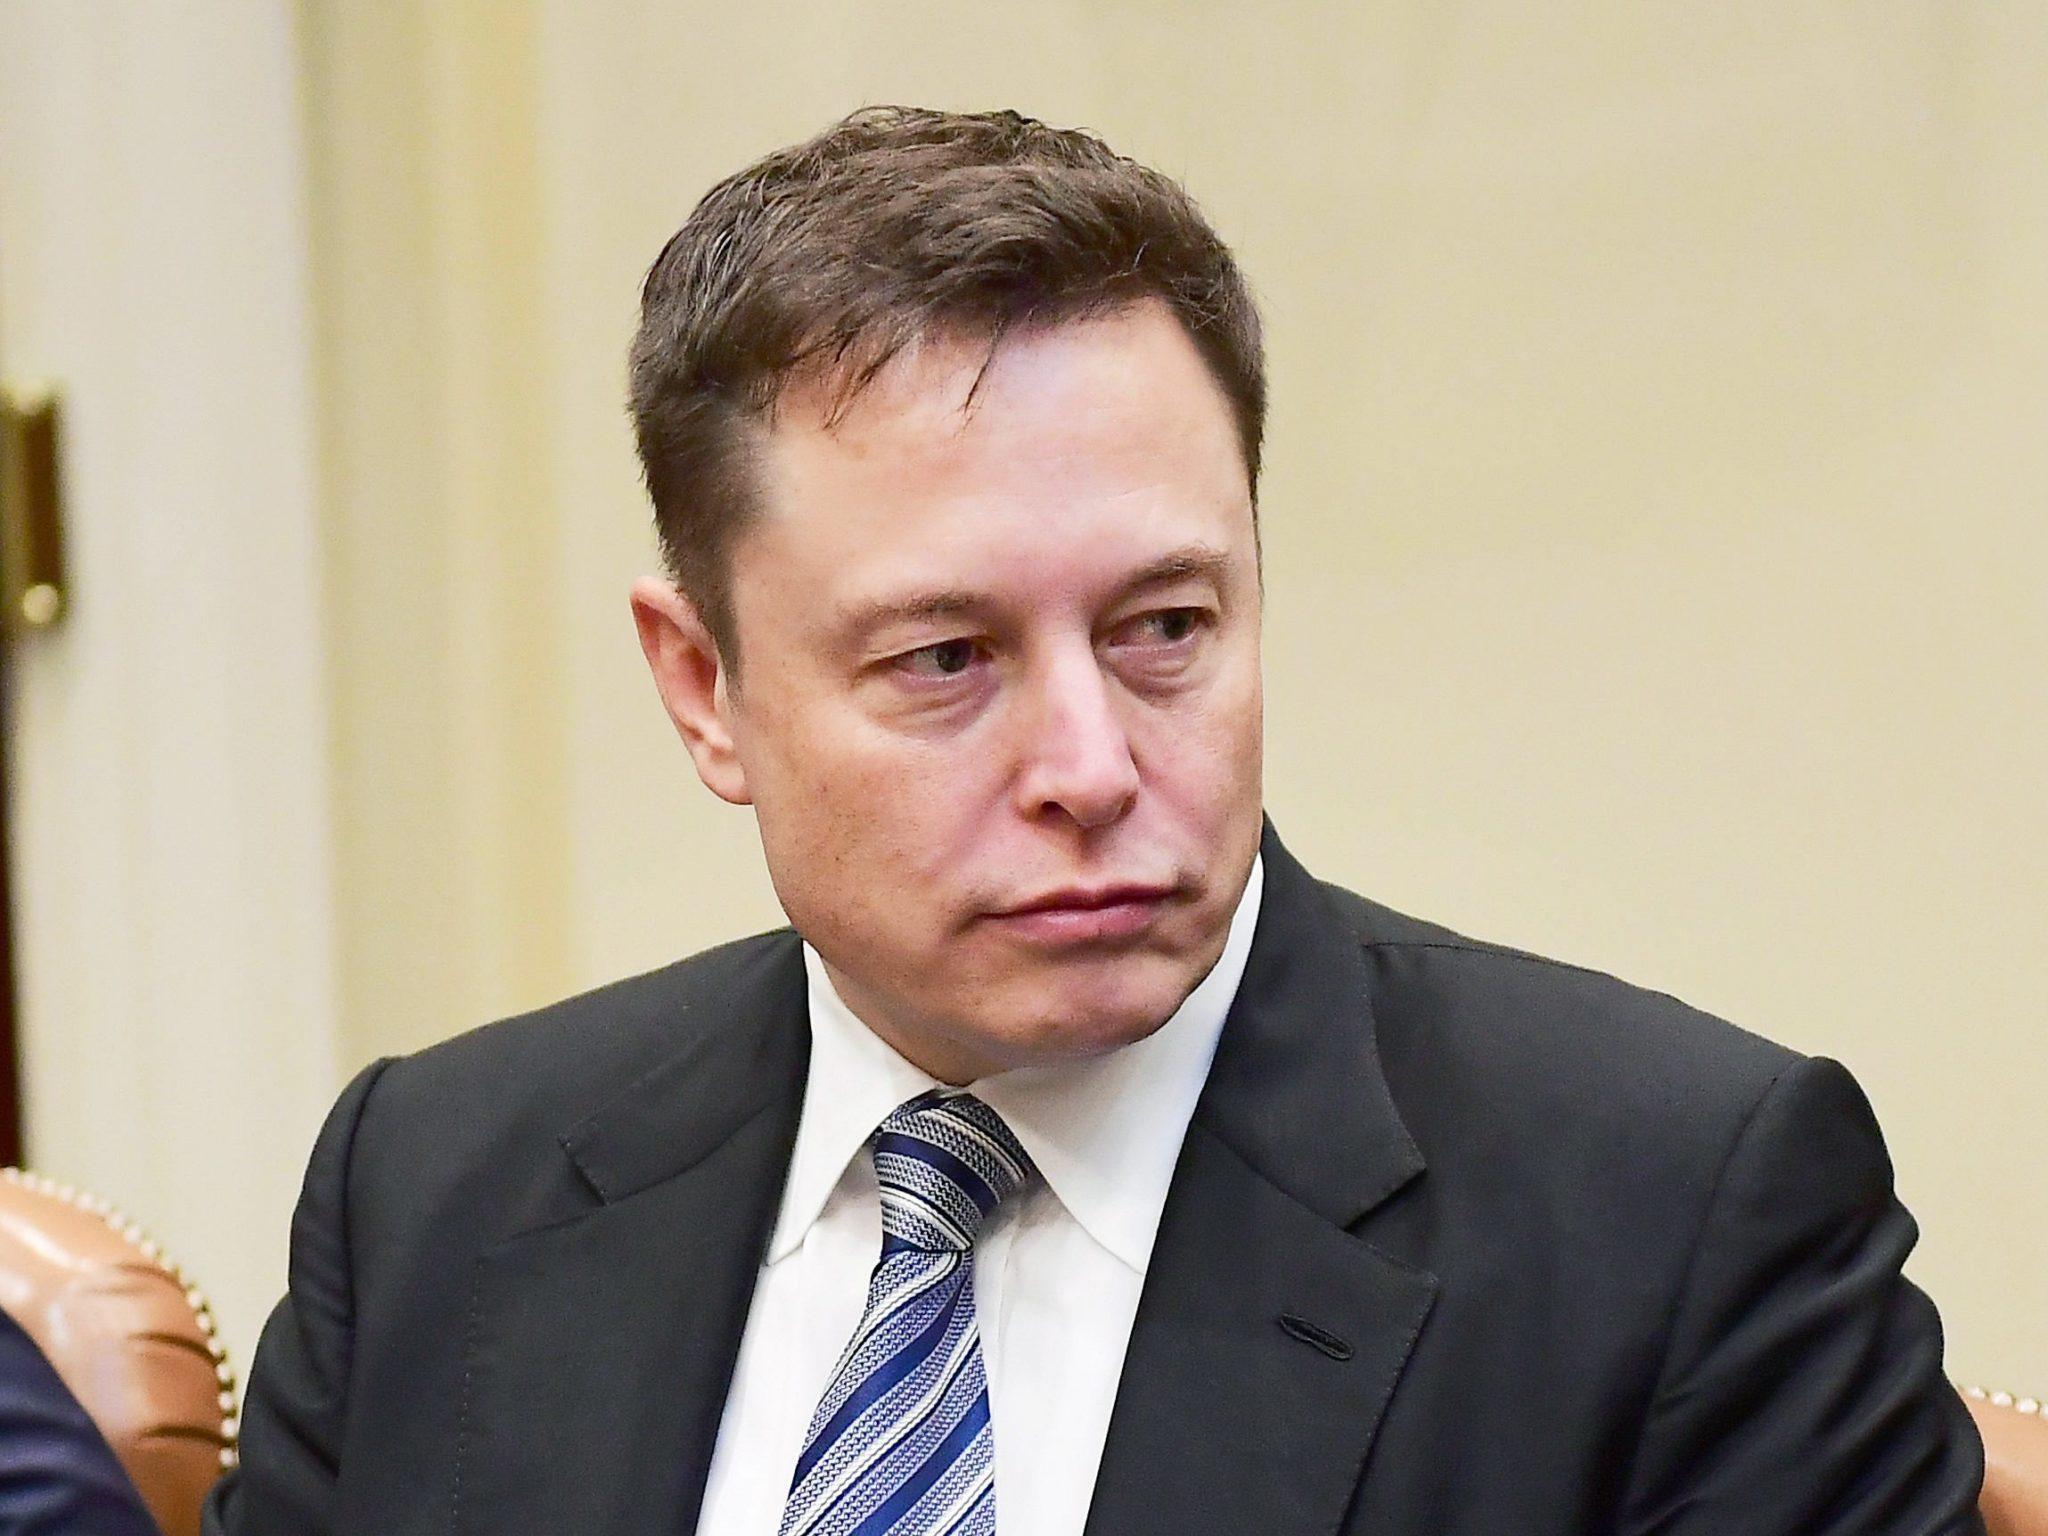 Элон Маск решил закрыть реферальную программу Tesla